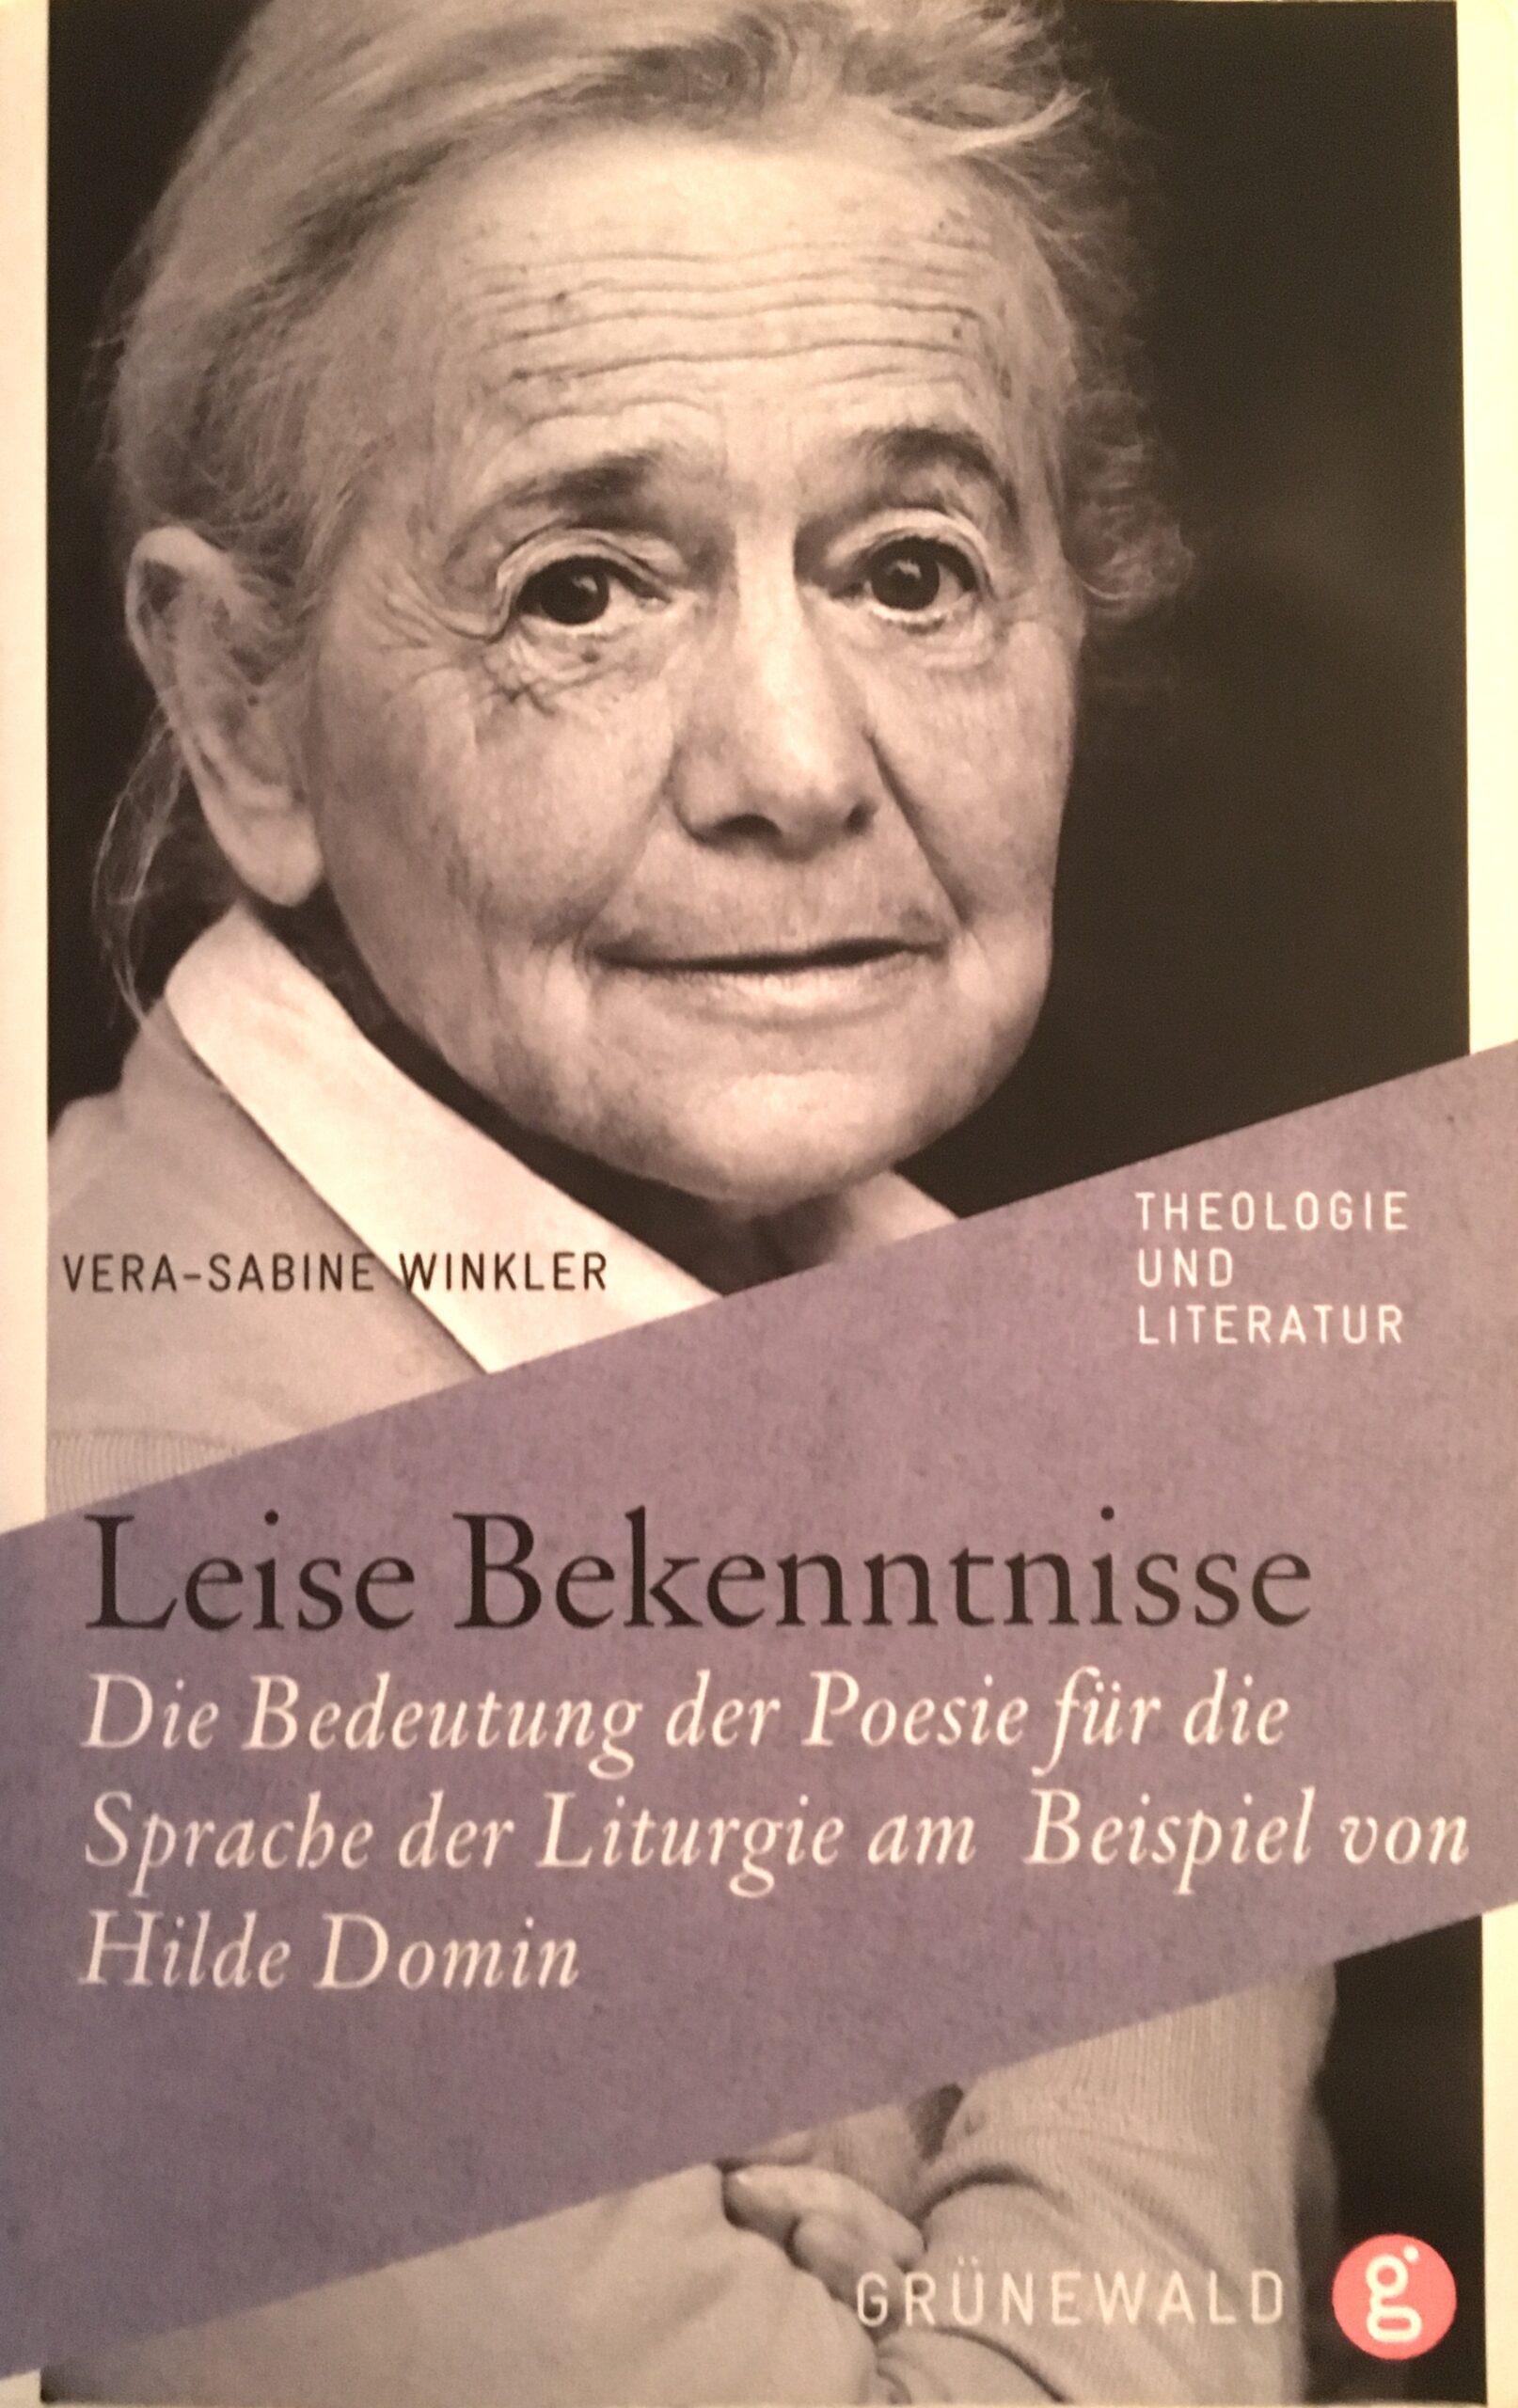 Leise Bekenntnisse, 2009